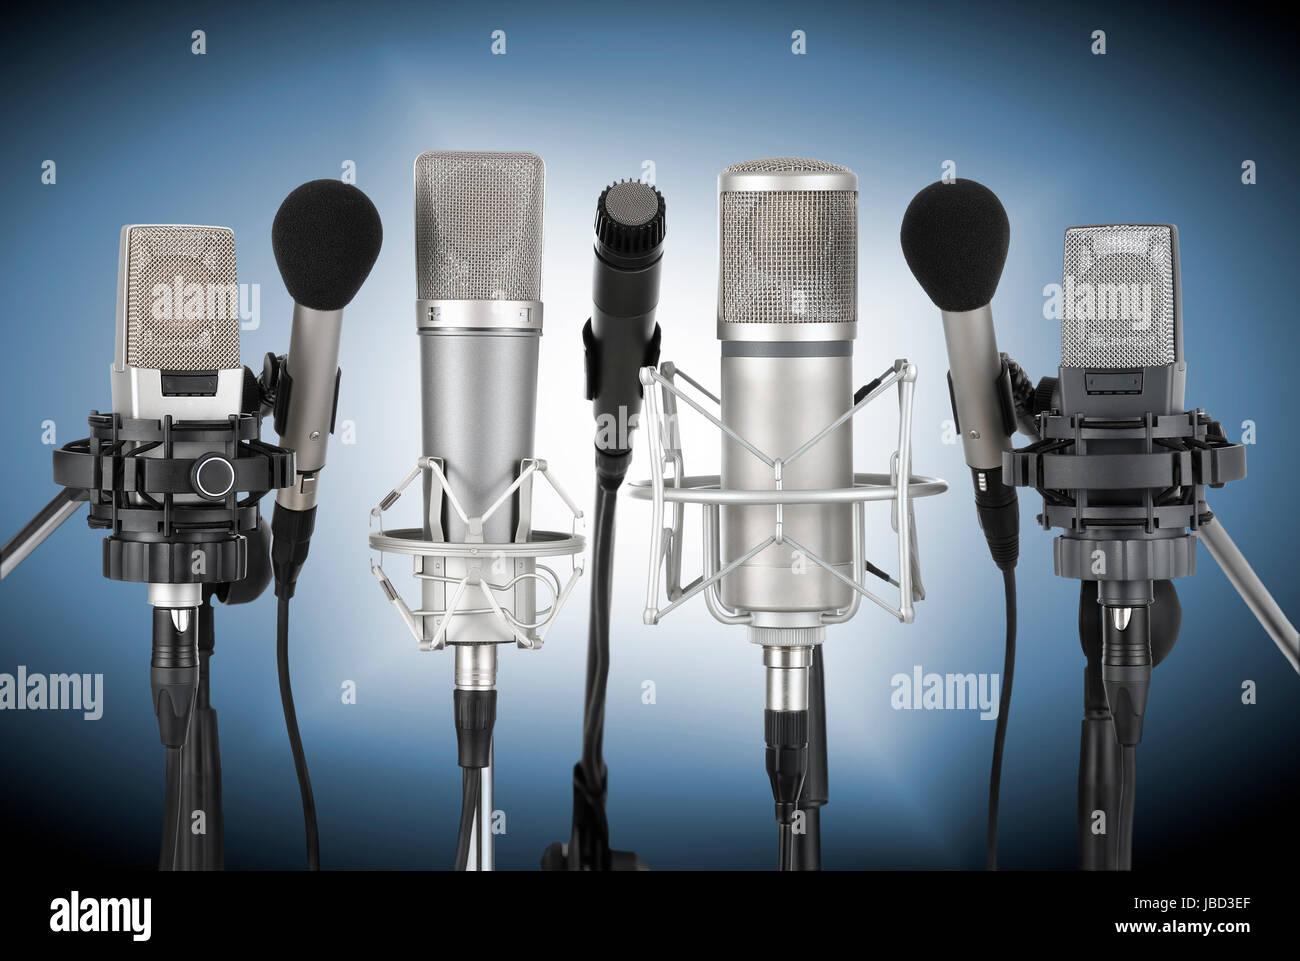 Studioaufnahme von einem Set professioneller Mikrofone vor blau verlaufendem Hintergrund - Stock Image